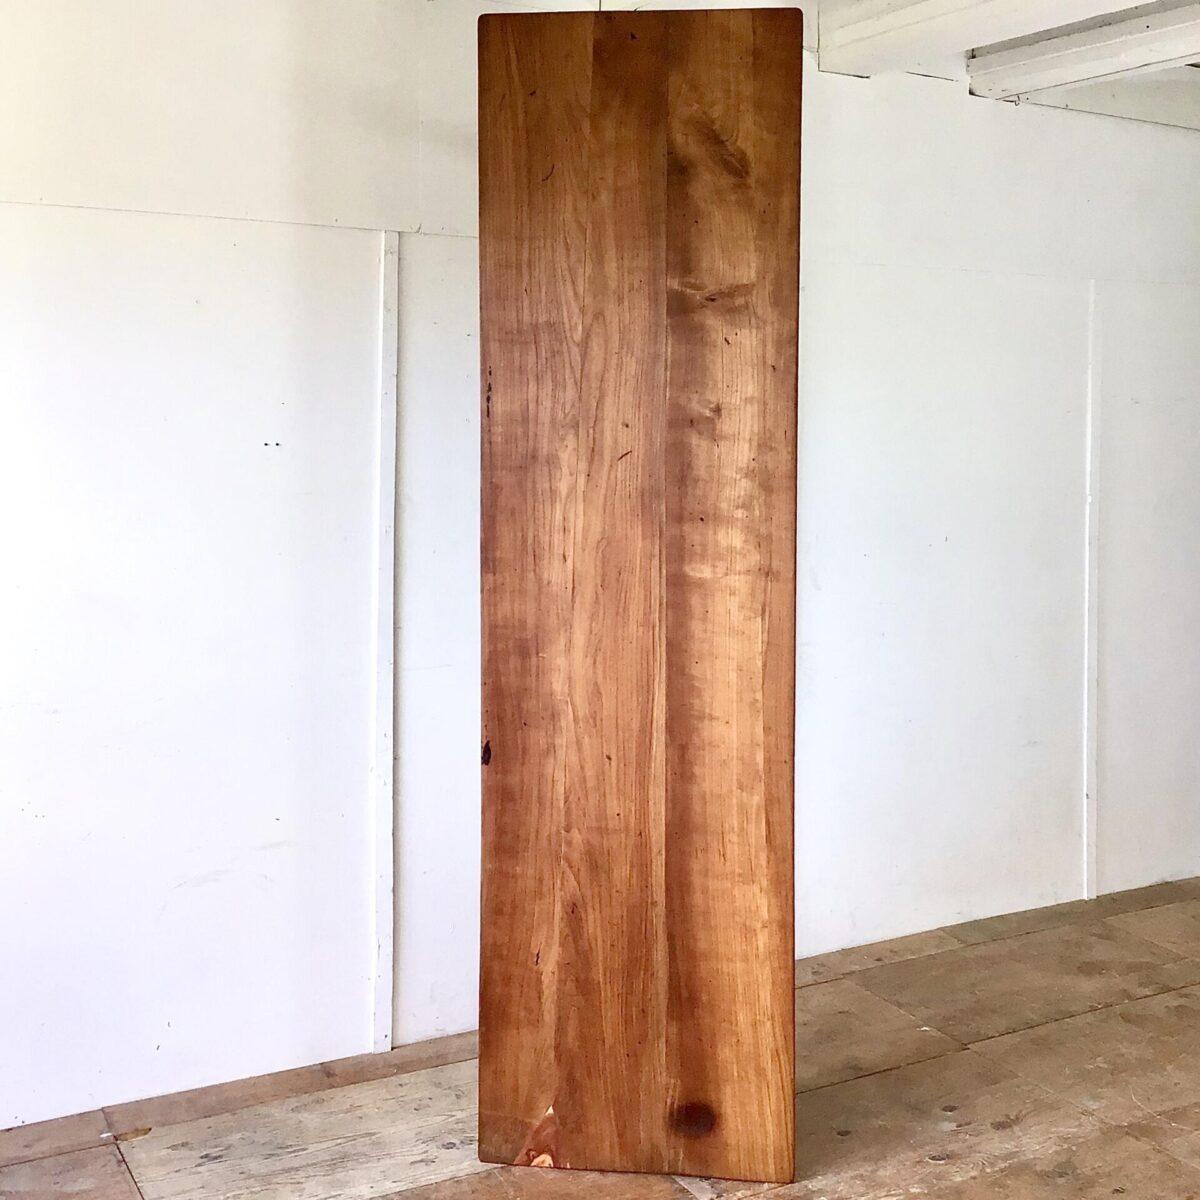 Alter Kirschbaum Wirtshaus Tisch mit horgenglarus Gussfüssen. 246x68cm Höhe 75cm. Das Tischblatt haben wir teilweise frisch verleimt, an der einen Stirnseite fehlte leider ein Stück Holz. Dort haben wir ein Stück Zwetschgenholz eingepasst. Die Holzoberfläche ist mit Naturöl behandelt. Die leicht rötlich Patinierten Gusseisenfüsse hat es wohl in dieser Farbe ab werk gegeben. Das Kirschbaumholz hat dank seinem Alter eine intensive dunkelrote Ausstrahlung.